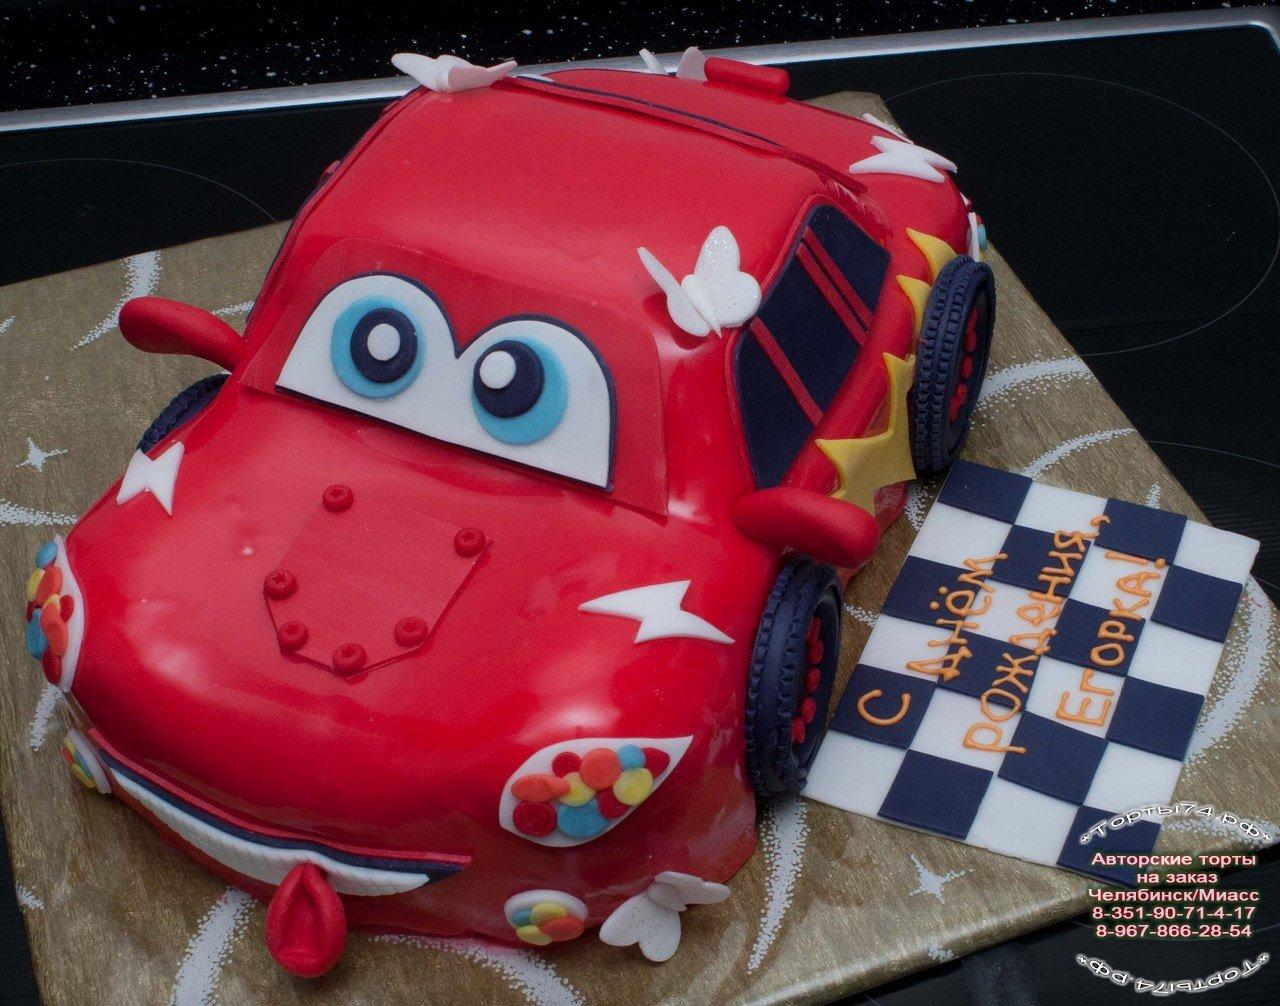 торт в виде машины маквин » Мастерская тортов и пирожных Челябинск ...